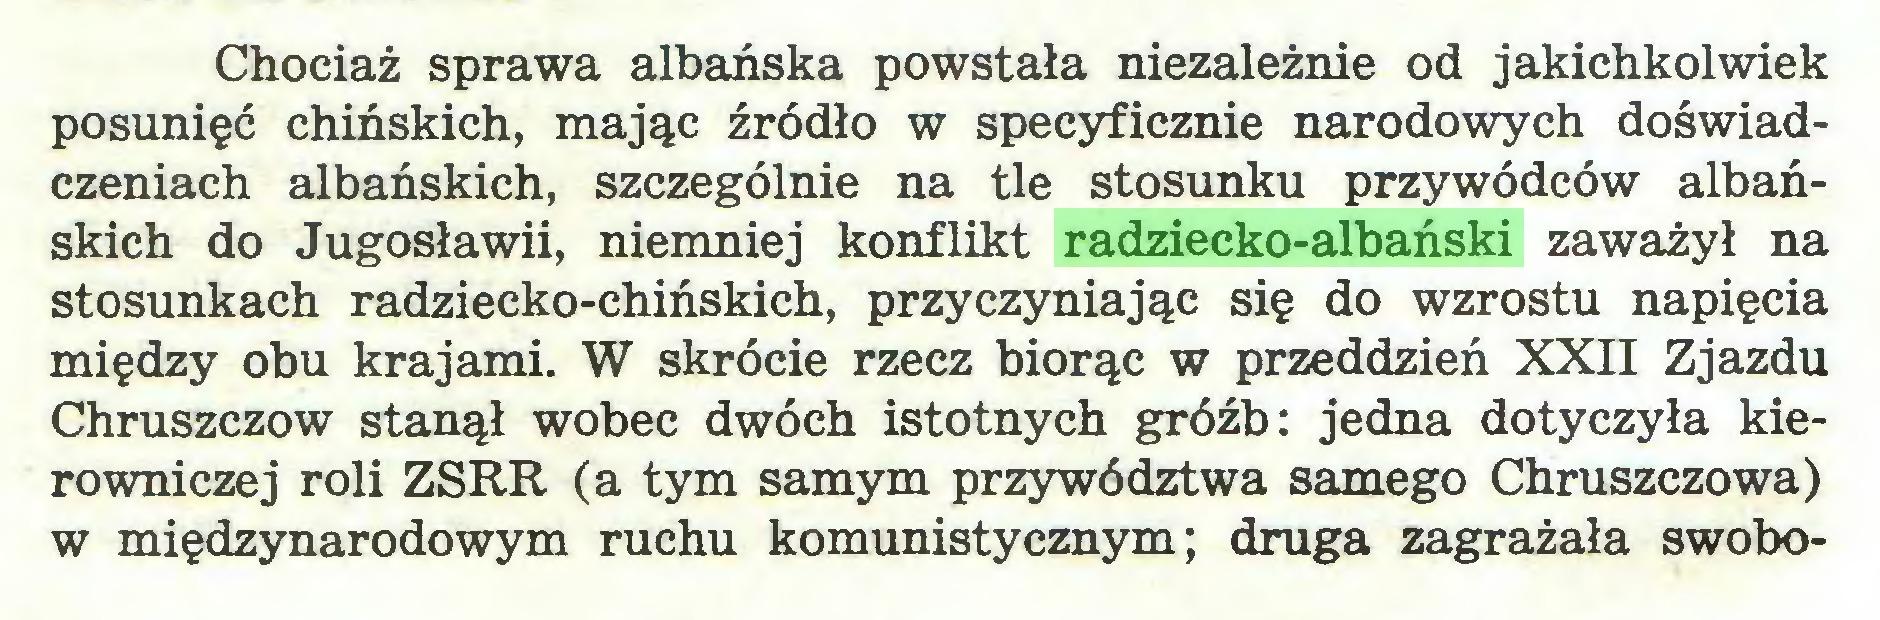 (...) Chociaż sprawa albańska powstała niezależnie od jakichkolwiek posunięć chińskich, mając źródło w specyficznie narodowych doświadczeniach albańskich, szczególnie na tle stosunku przywódców albańskich do Jugosławii, niemniej konflikt radziecko-albański zaważył na stosunkach radziecko-chińskich, przyczyniając się do wzrostu napięcia między obu krajami. W skrócie rzecz biorąc w przeddzień XXII Zjazdu Chruszczów stanął wobec dwóch istotnych gróźb: jedna dotyczyła kierowniczej roli ZSRR (a tym samym przywództwa samego Chruszczowa) w międzynarodowym ruchu komunistycznym; druga zagrażała swobo...